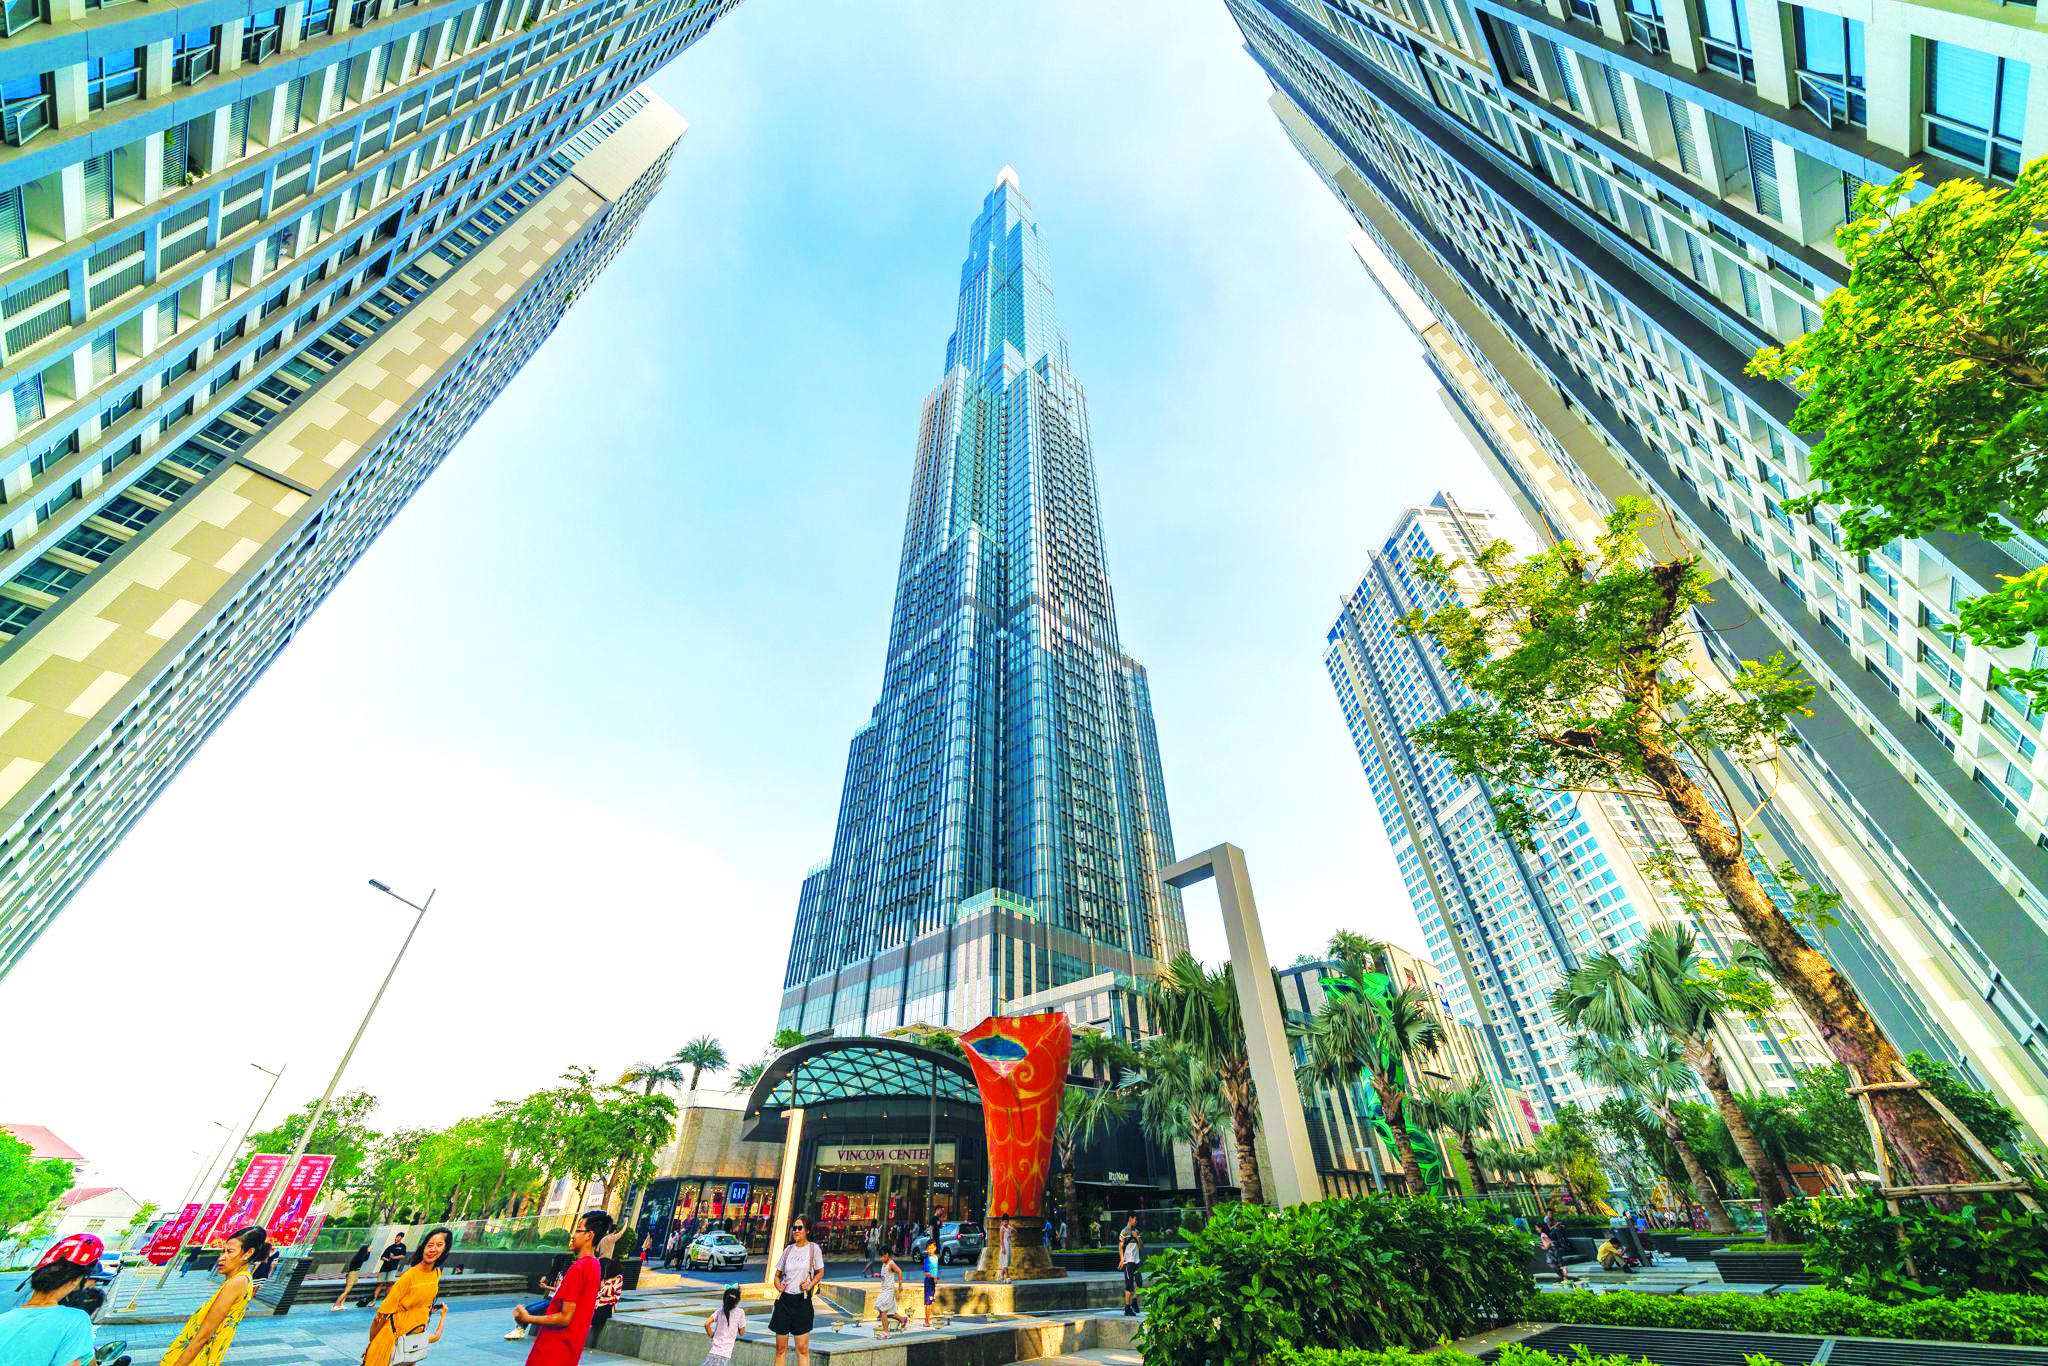 Tháp cao ốc cao nhất Việt Nam Landmark 81 TPHCM là công trình cao tầng 'toàn cầu', ứng dụng nhiều loại công nghệ thiết kế và thi công tiên tiến lần đàu tiên triển khai tại Việt Nam